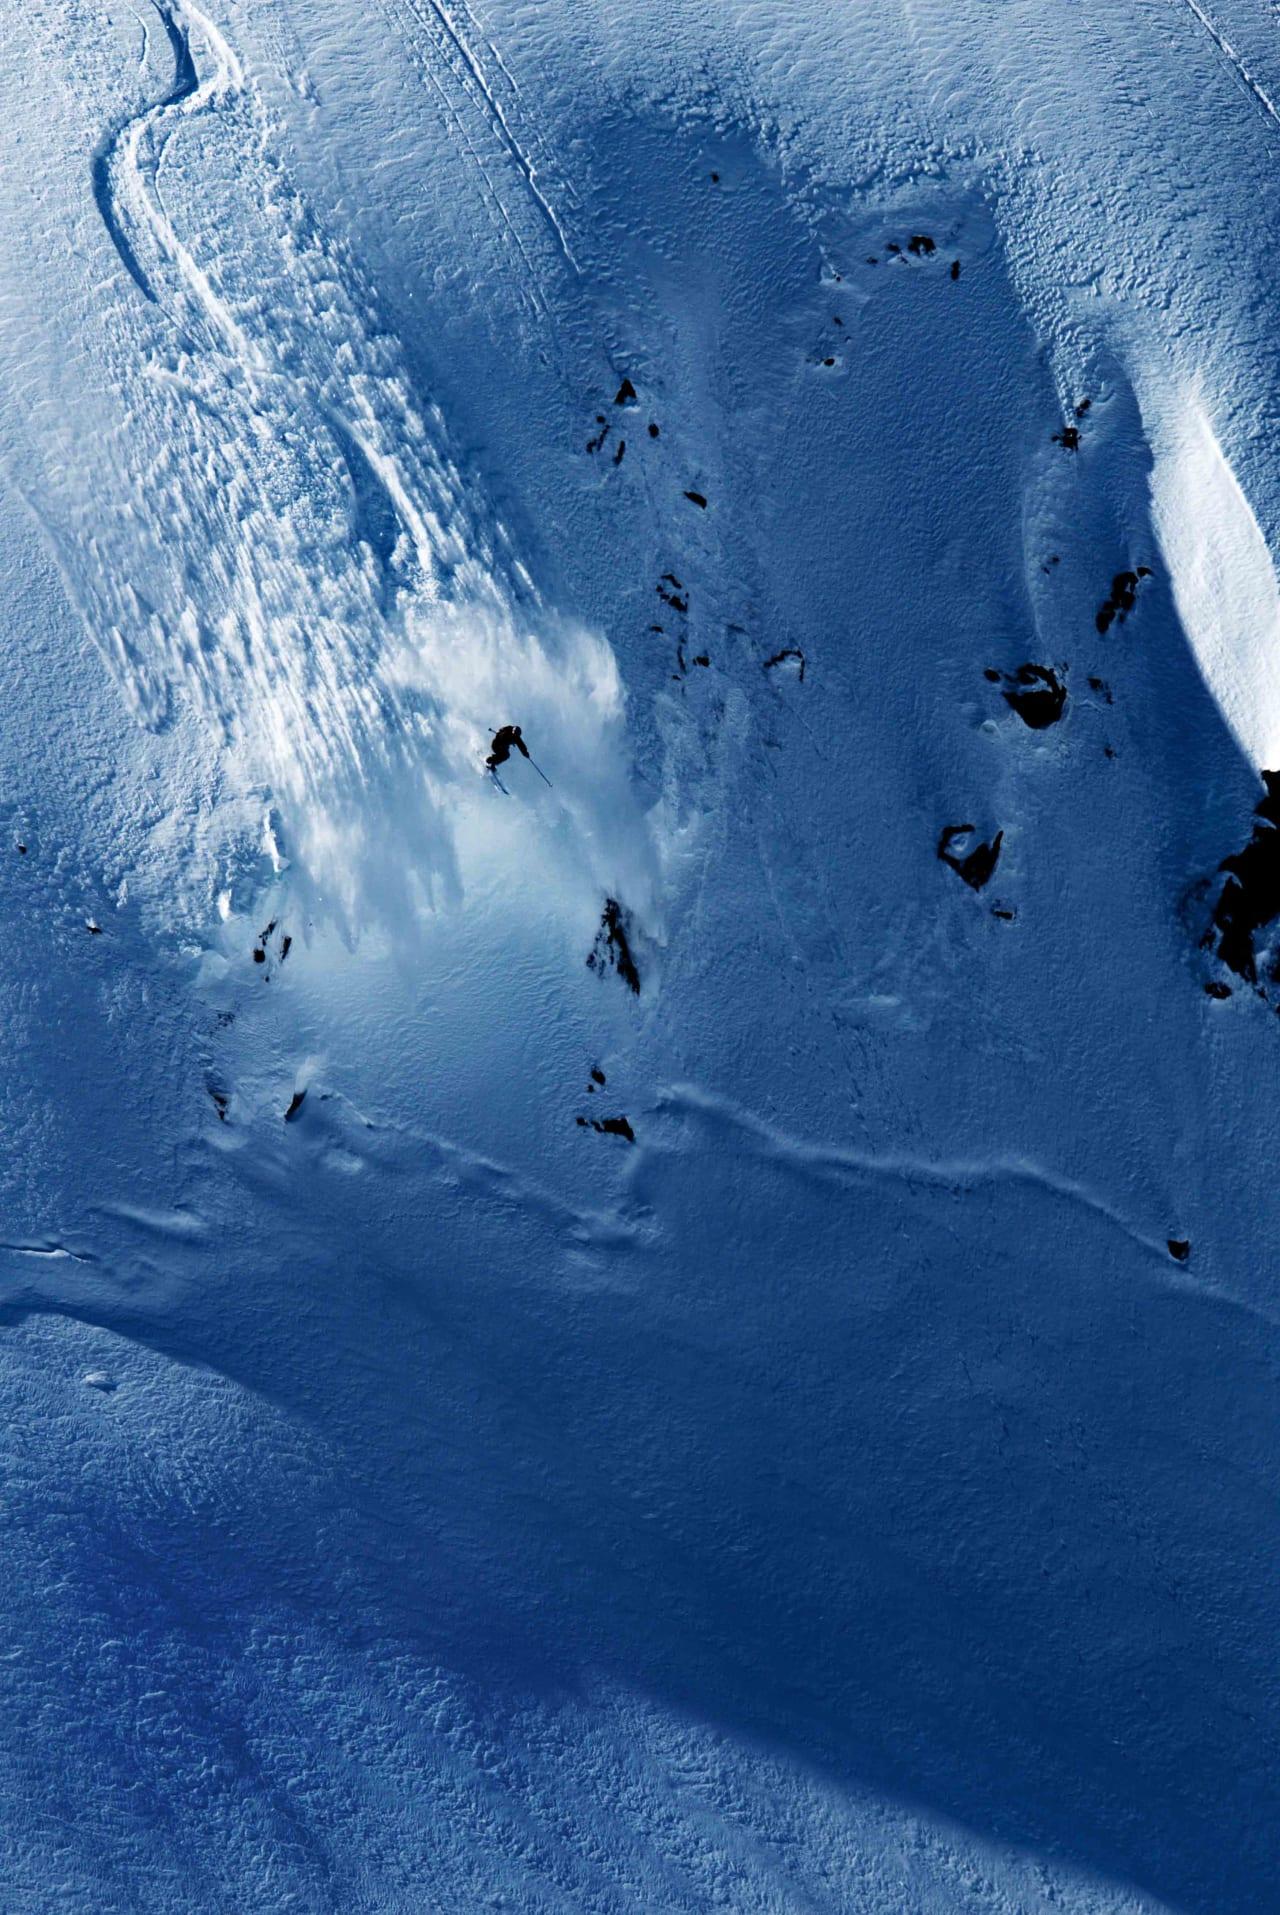 BLÅFJELL: Omund Sletten kjører ei dramatisk linje på nordsiden av Blåfjell –ett av områdene som Eid kommune ønsker å regulere for catskiing. Foto: Martin Innerdal Dalen